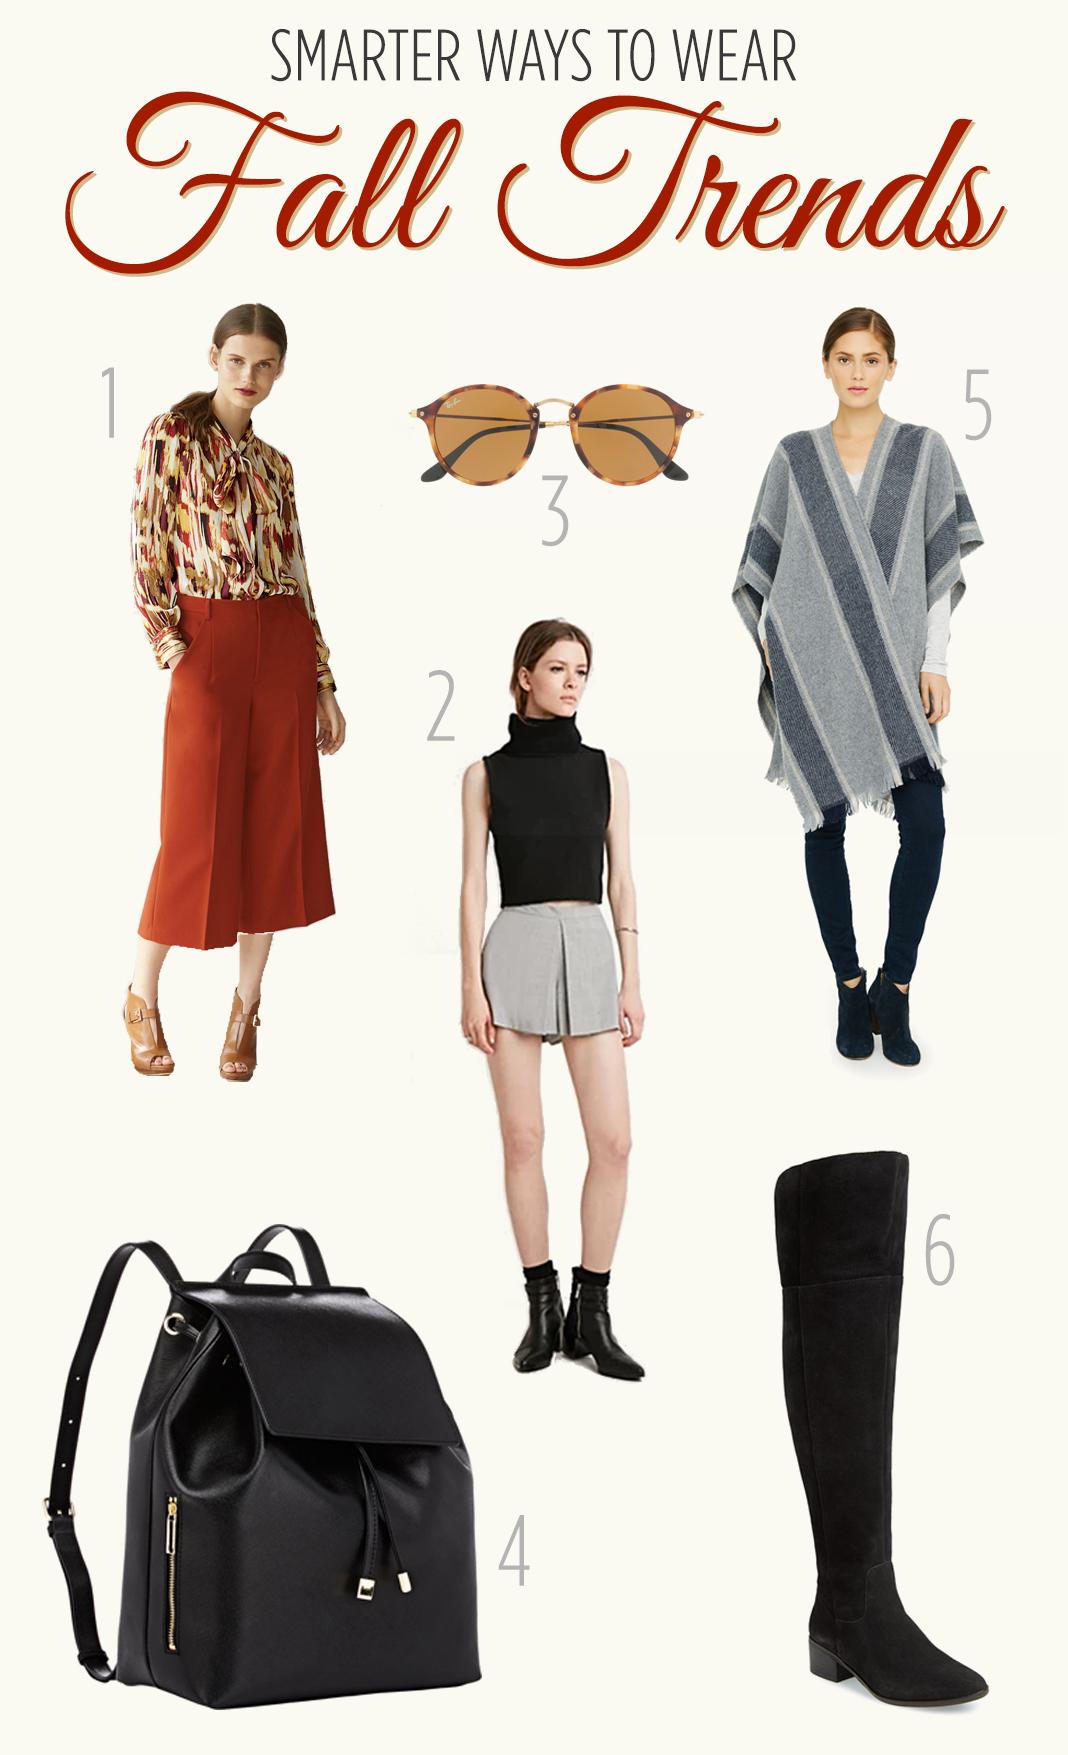 Smarter ways to wear fall trends